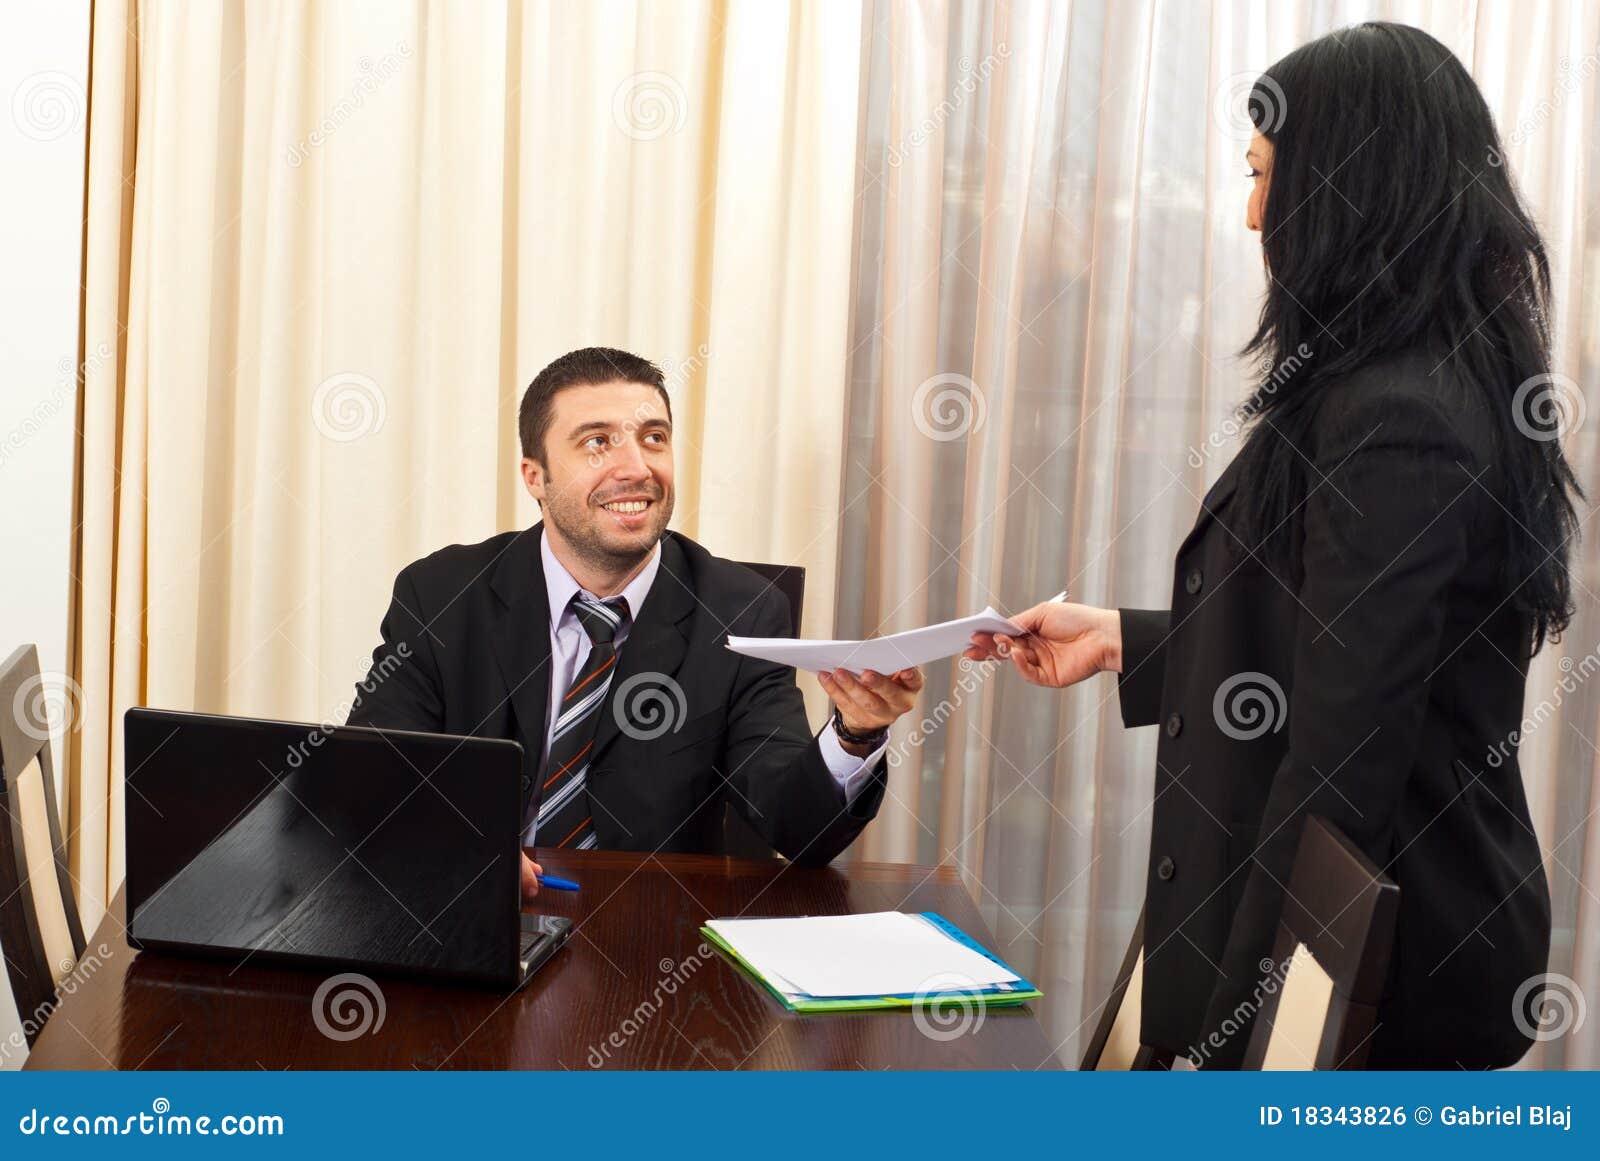 дело дает счастливую секретаршю бумаг человека к